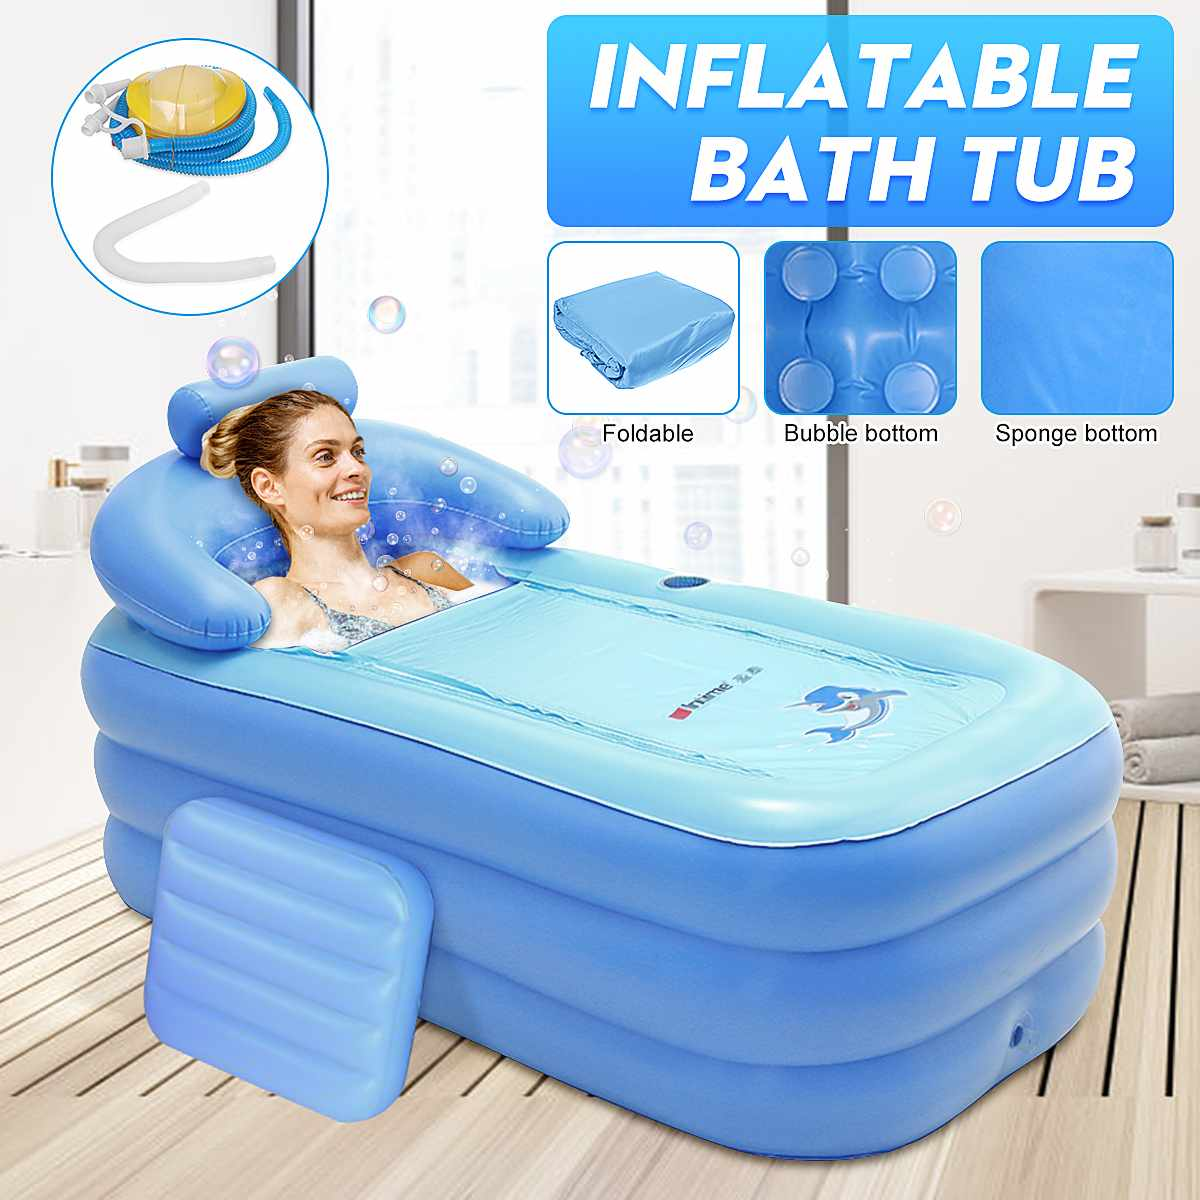 Portátil dobrável engrossado inflável banheira casa acampamento viagem banho piscina ao ar livre piscina família spa para adulto ou criança-0